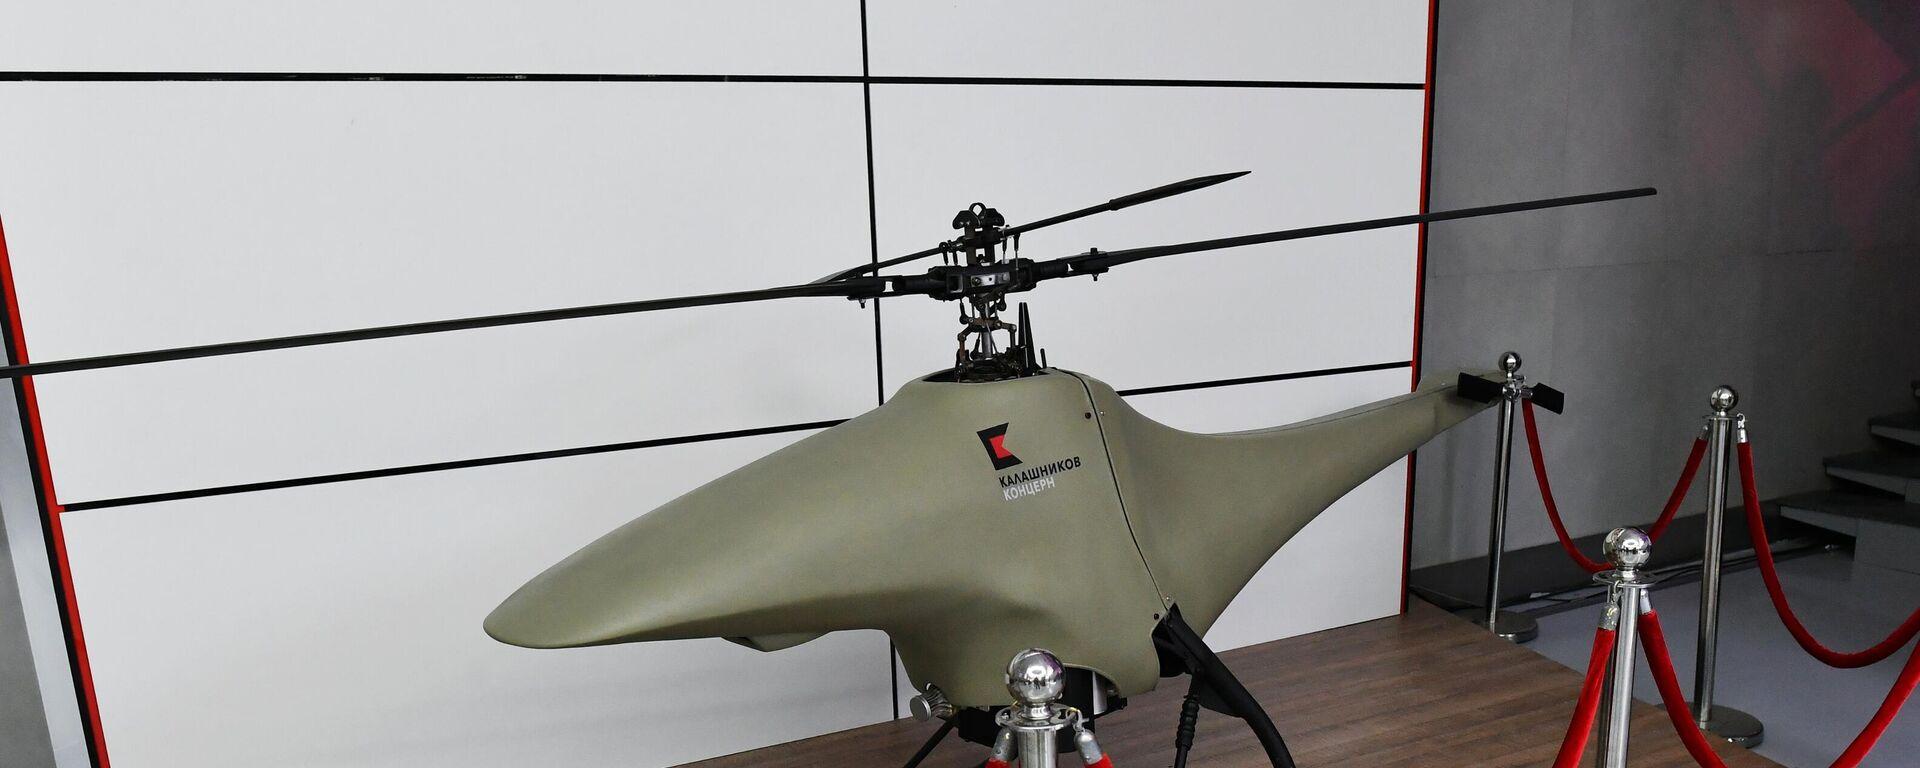 Eine Hubschrauberdrohne des Konzerns Kalaschnikow (hier auf Army 2017) - SNA, 1920, 22.08.2021